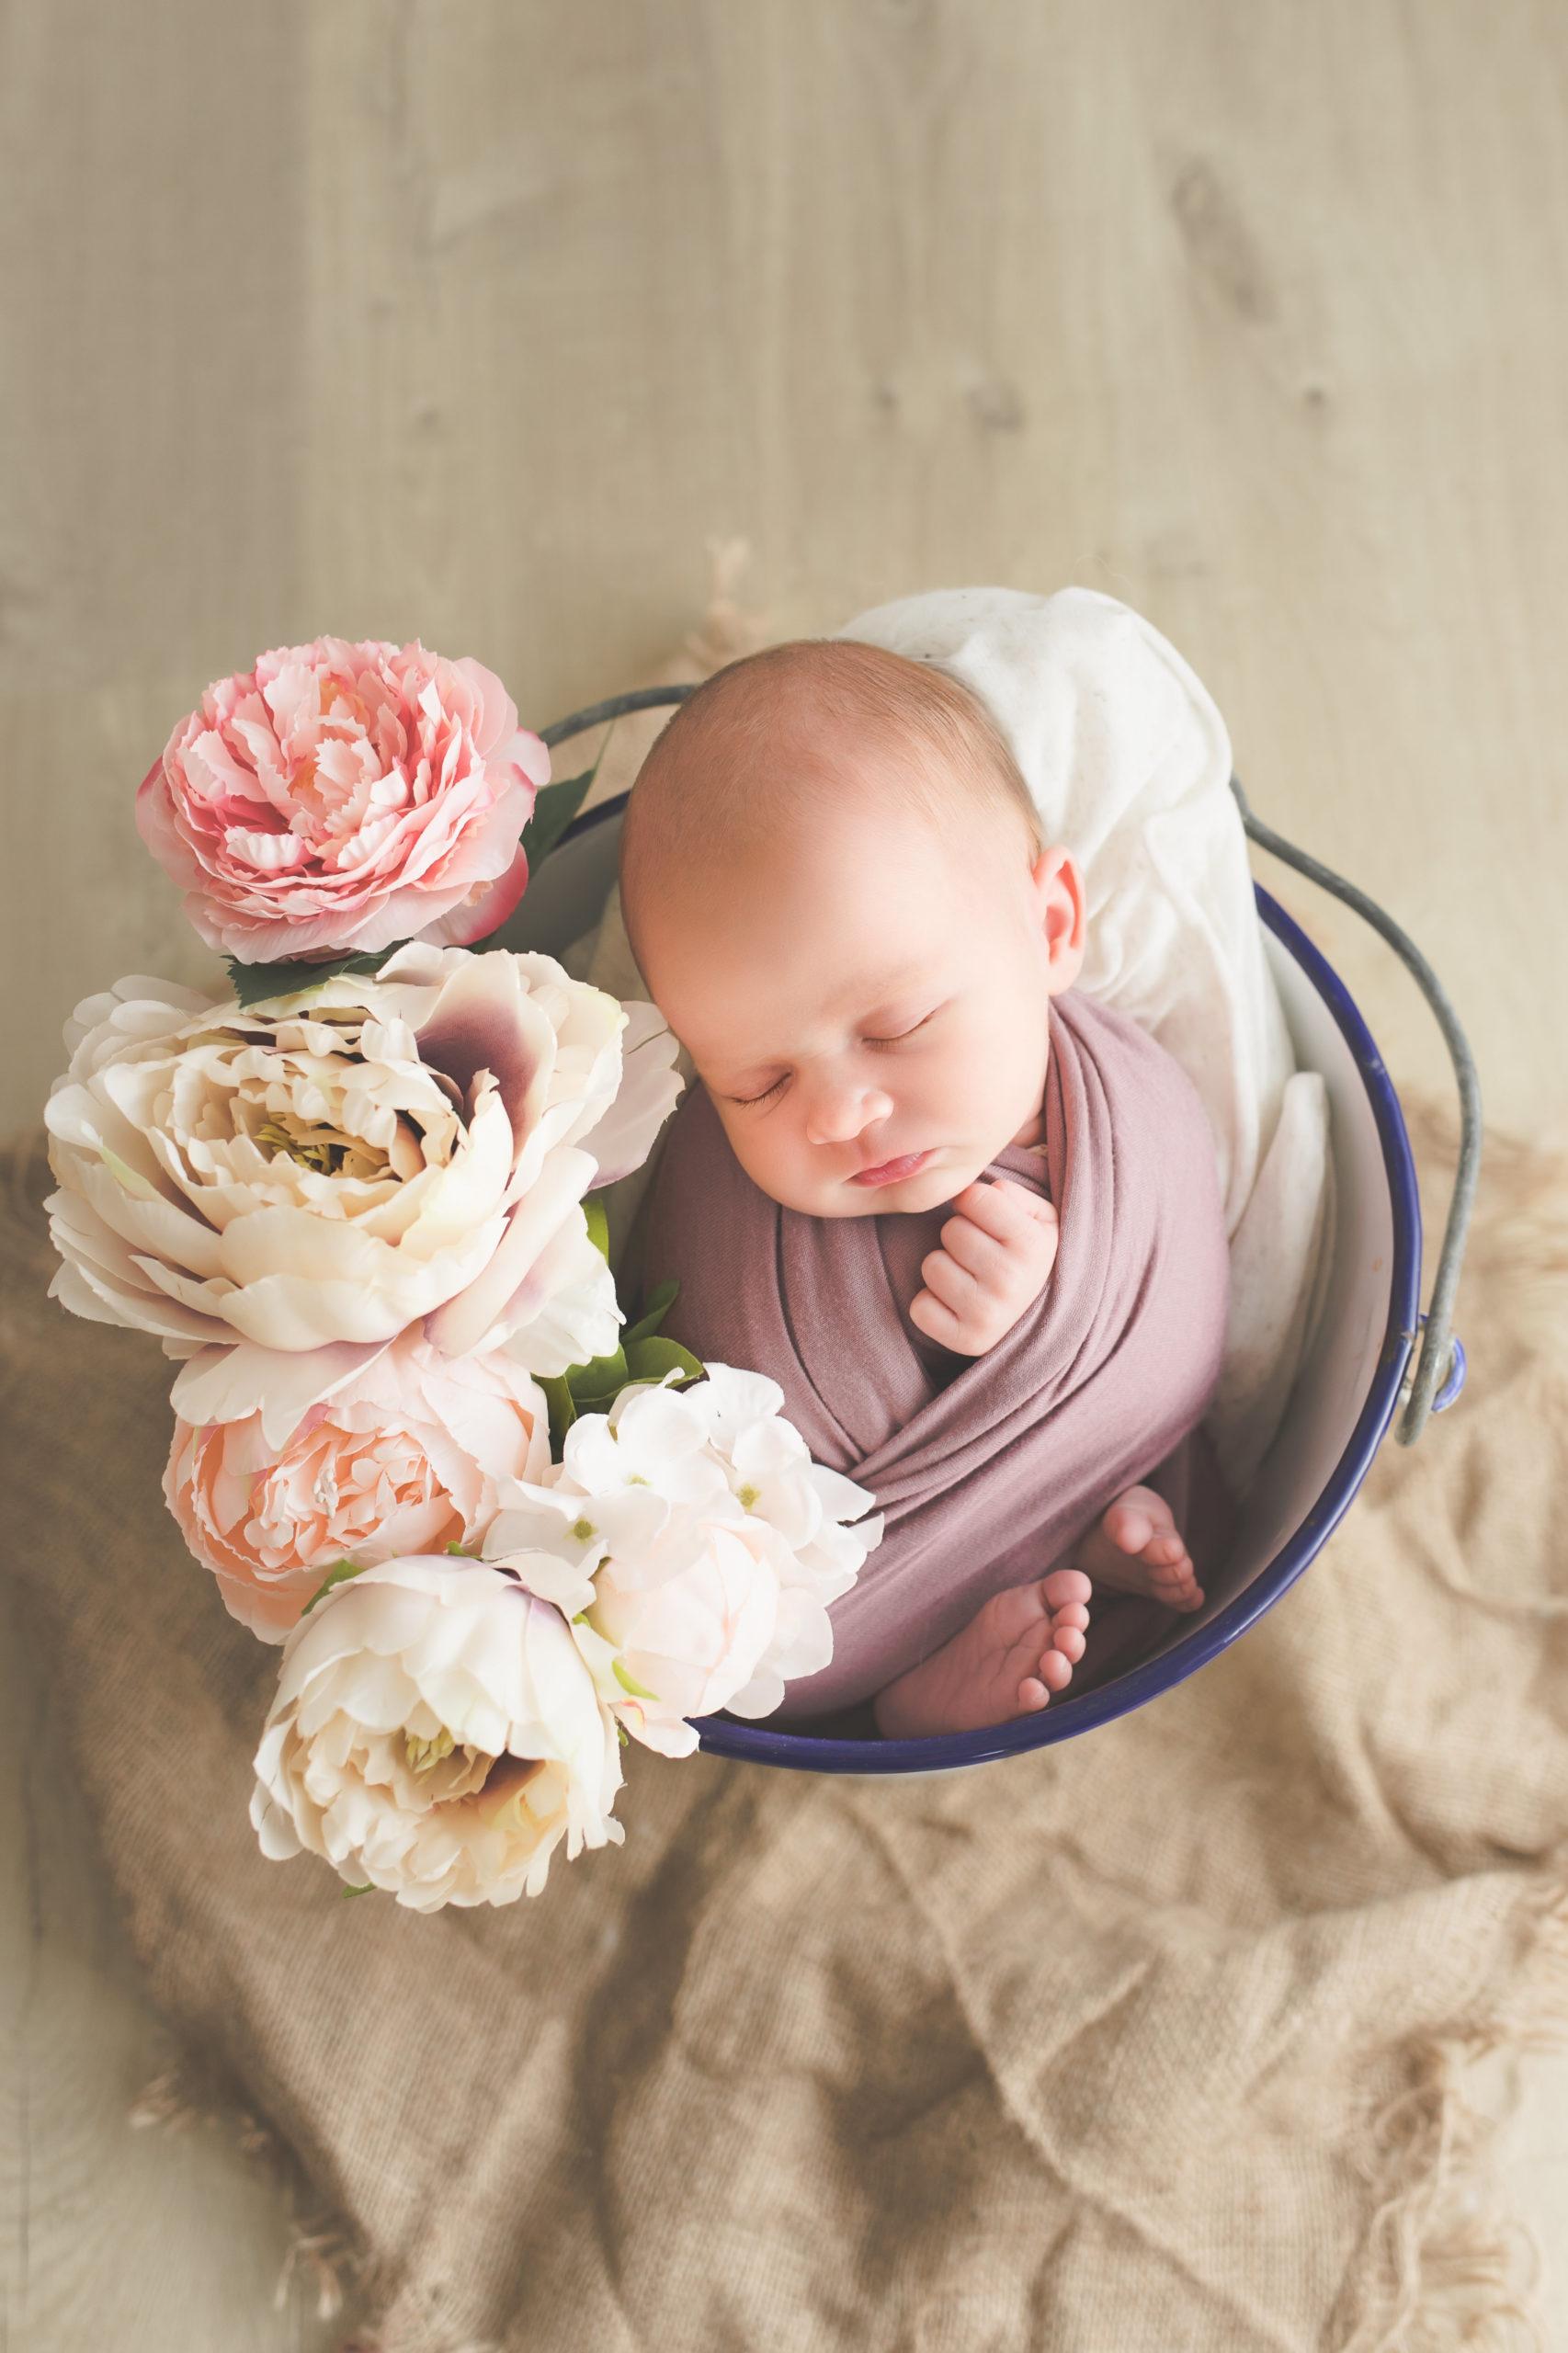 photo nouveau-né bébé seau fleurs studio homeostasie photographie Liège